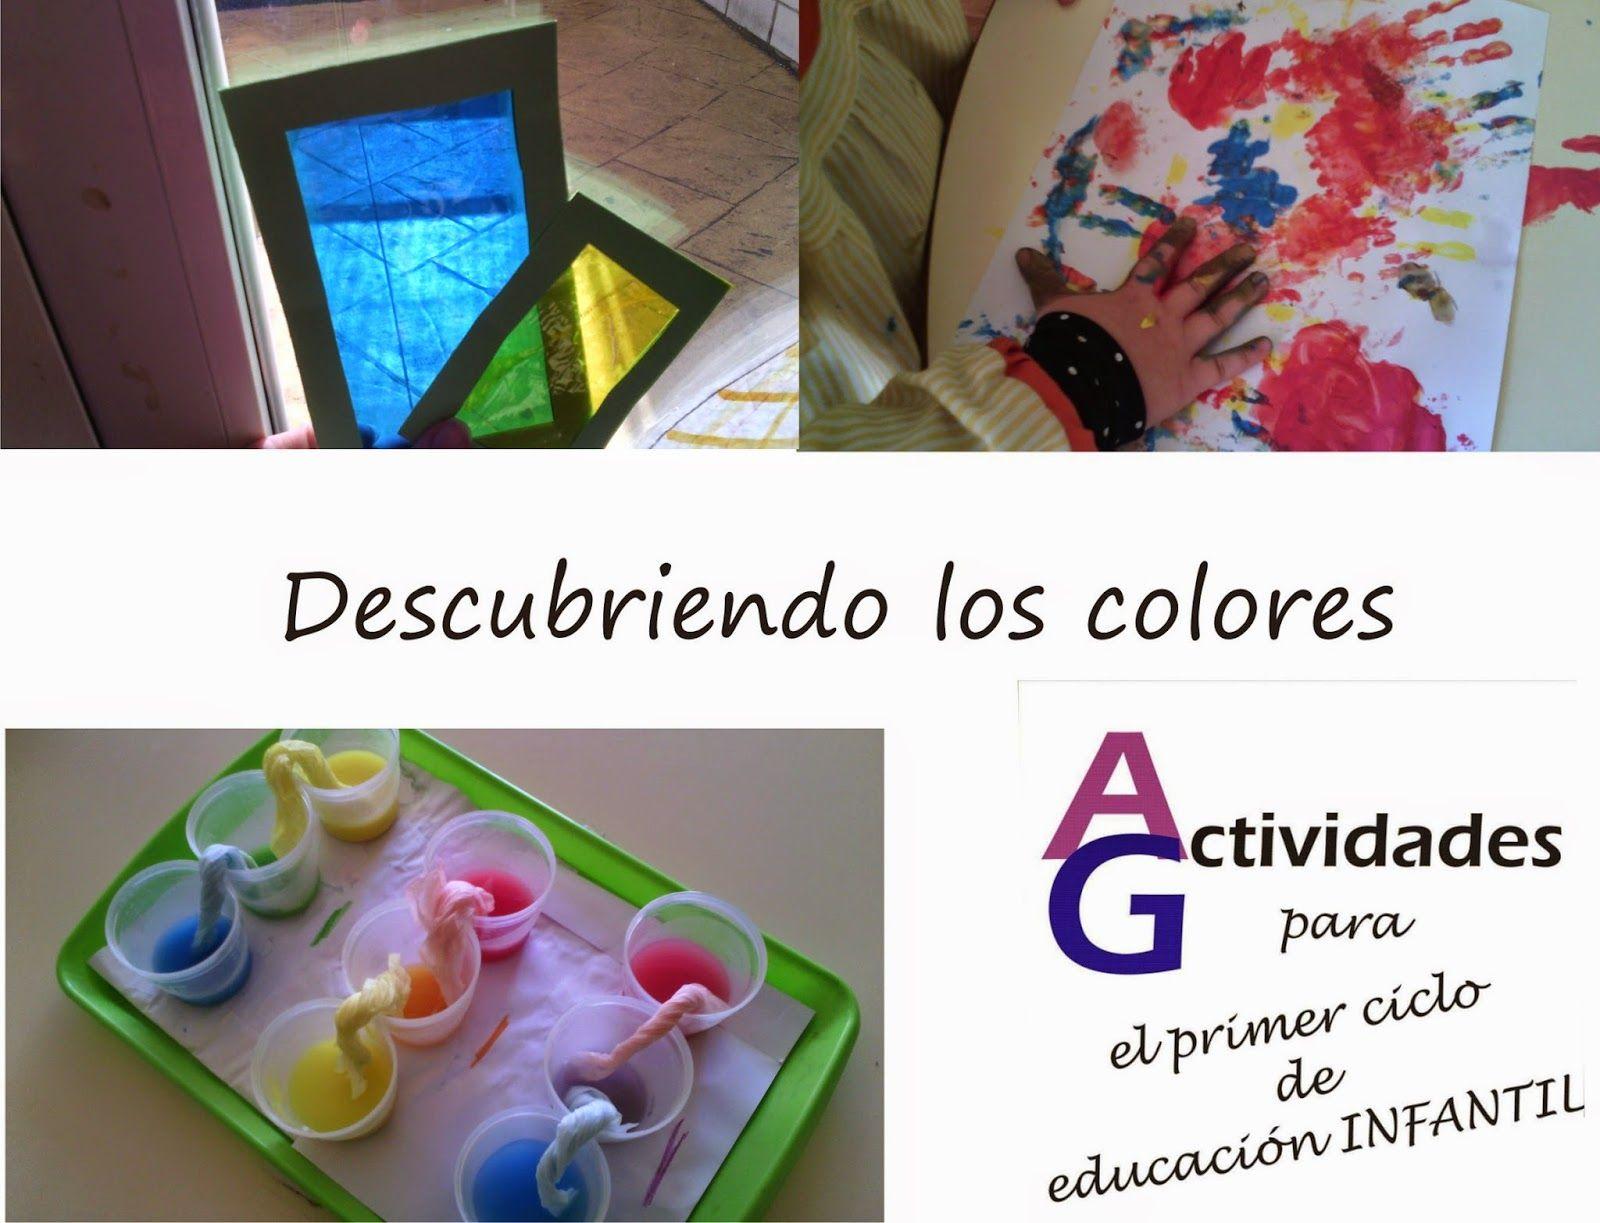 No Hay Nada Como Descubrir Cosas El Asombro La Experiencias El Interés Y La Emoción Es Máxima No Es Nada Nuevo Decir Educacion Infantil Colores Actividades